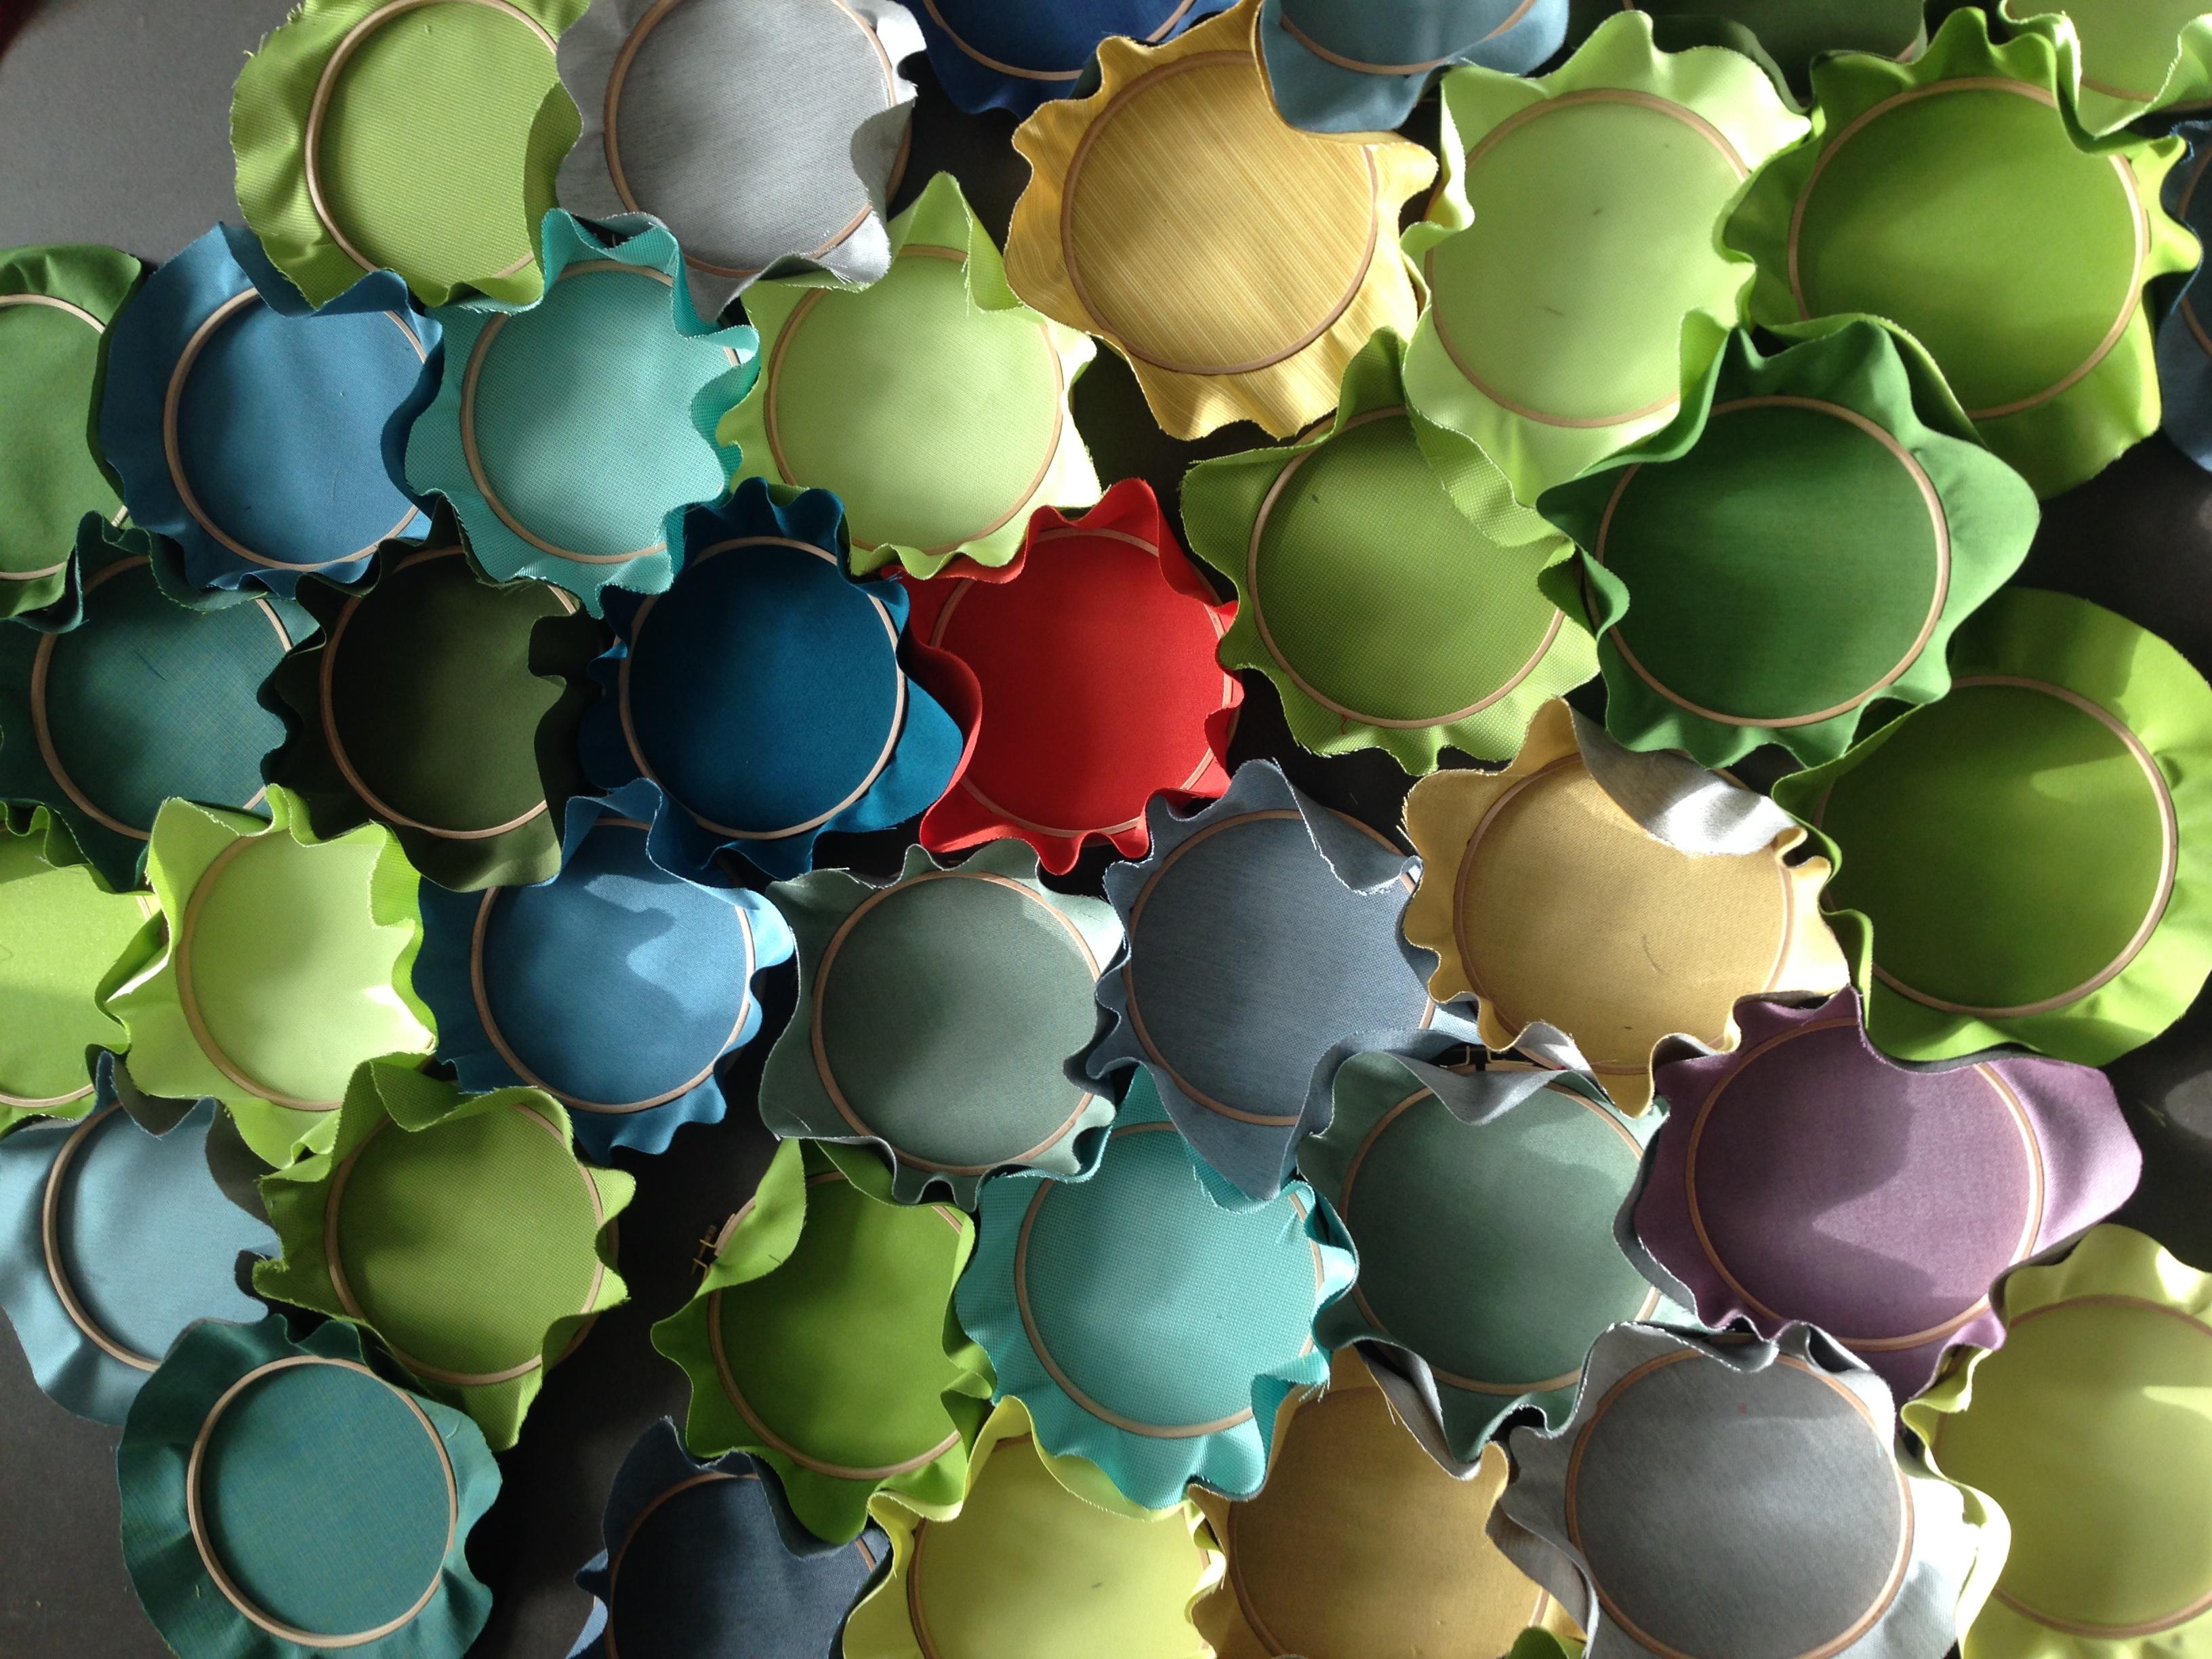 sunbrella_canopy_elise_fouin_design_detail